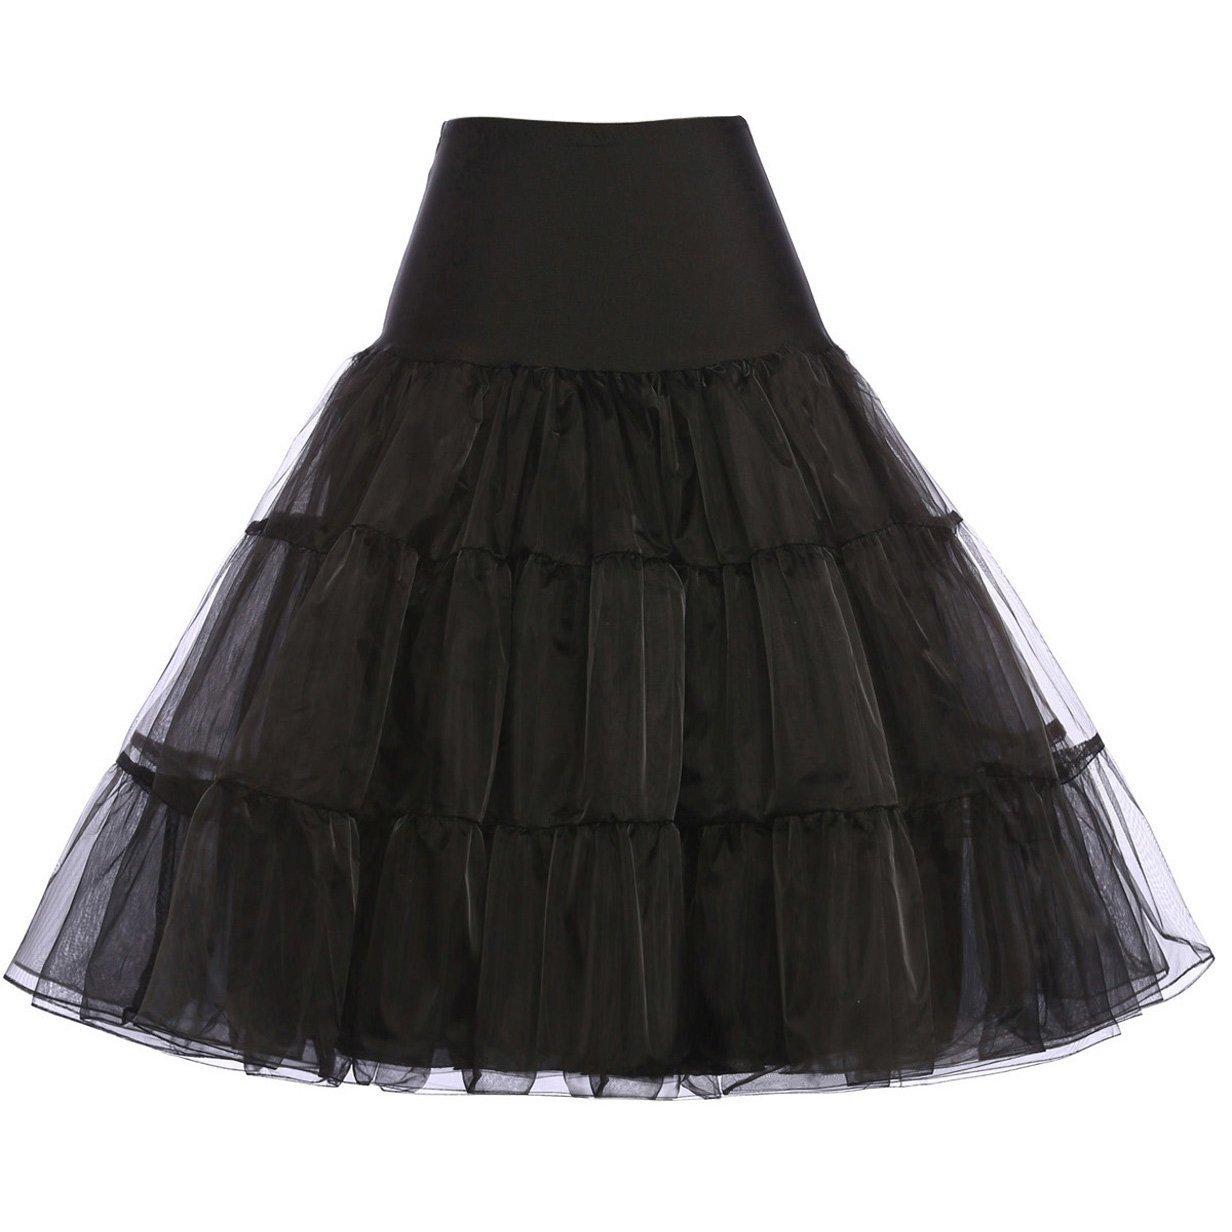 GRACE KARIN Womens Vintage Black Petticoat Knee Length Slip for 50s Dresses Size M